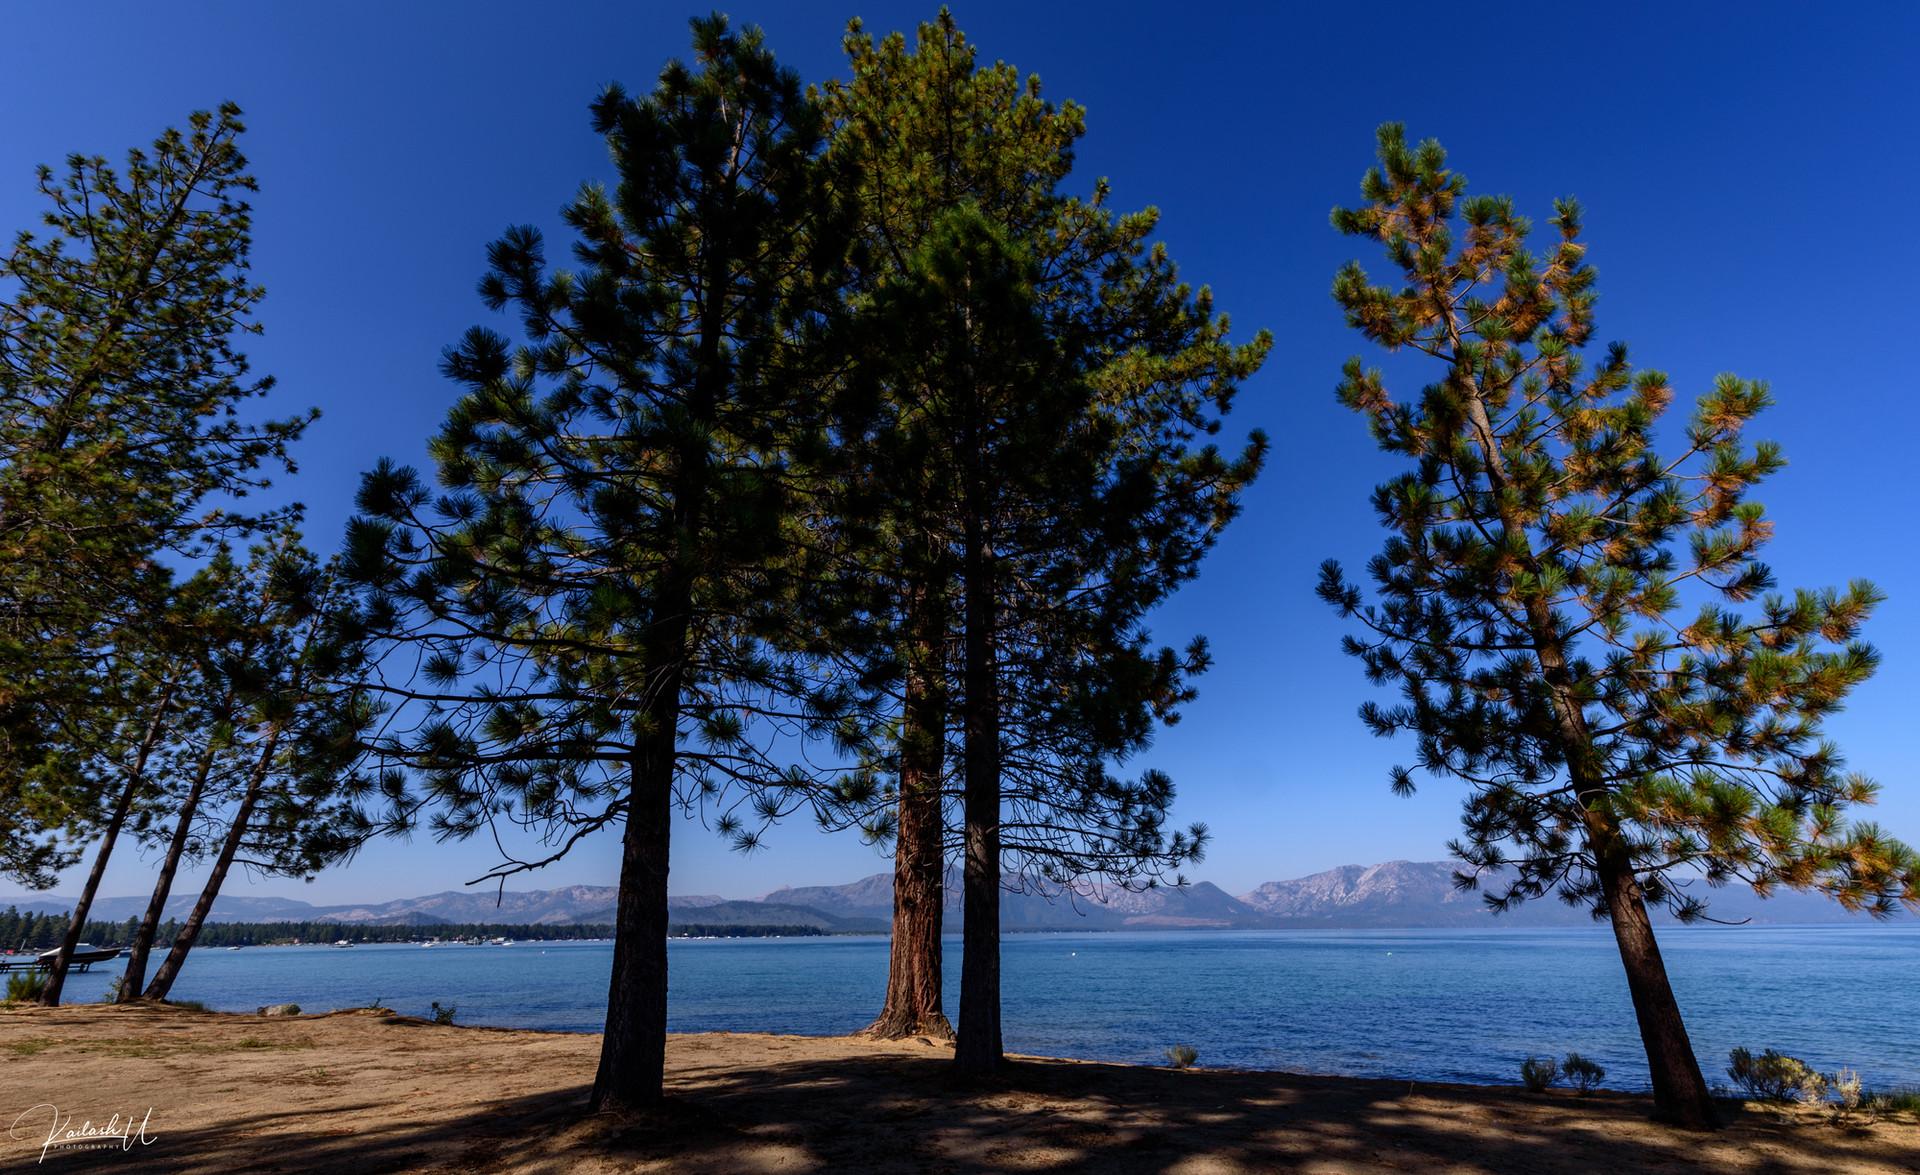 Tranquility, Lake Tahoe